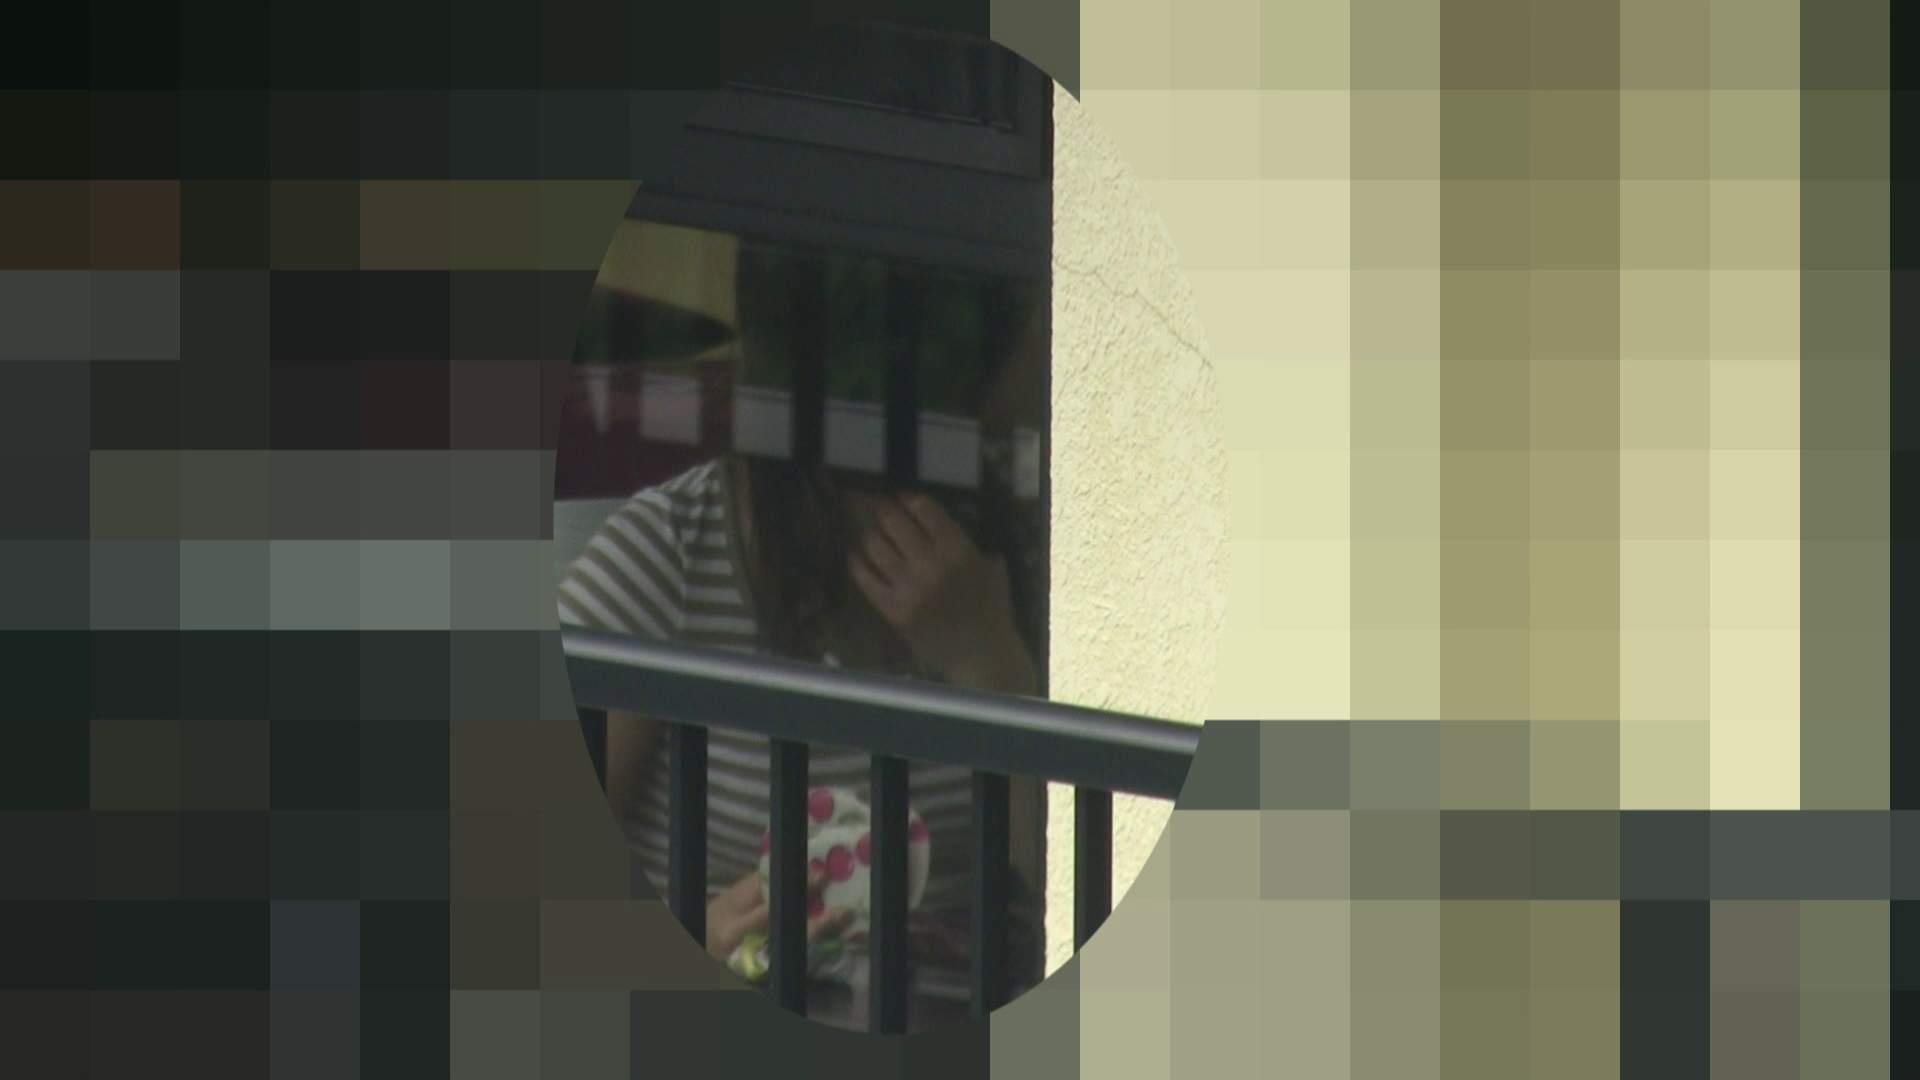 高画質露天女風呂観察 vol.032 入浴隠し撮り 濡れ場動画紹介 83pic 61